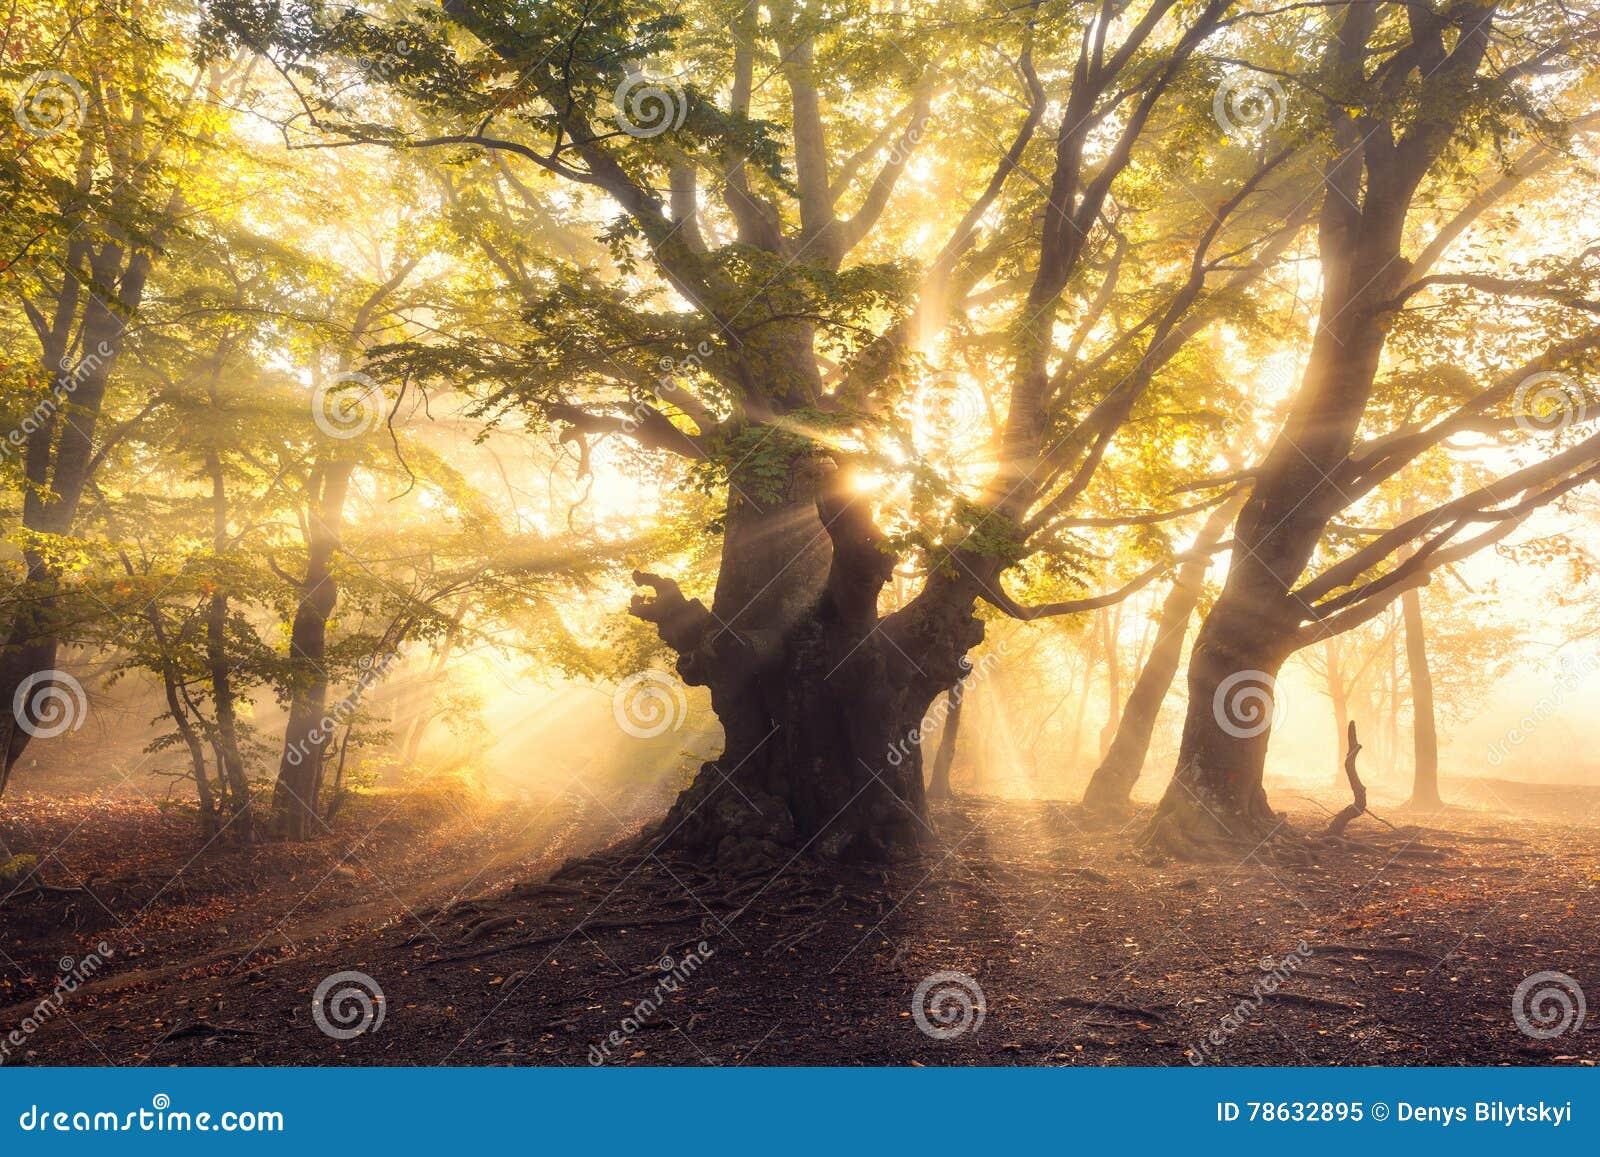 Magiczny stary drzewo z słońce promieniami przy wschodu słońca Mgłowym lasem